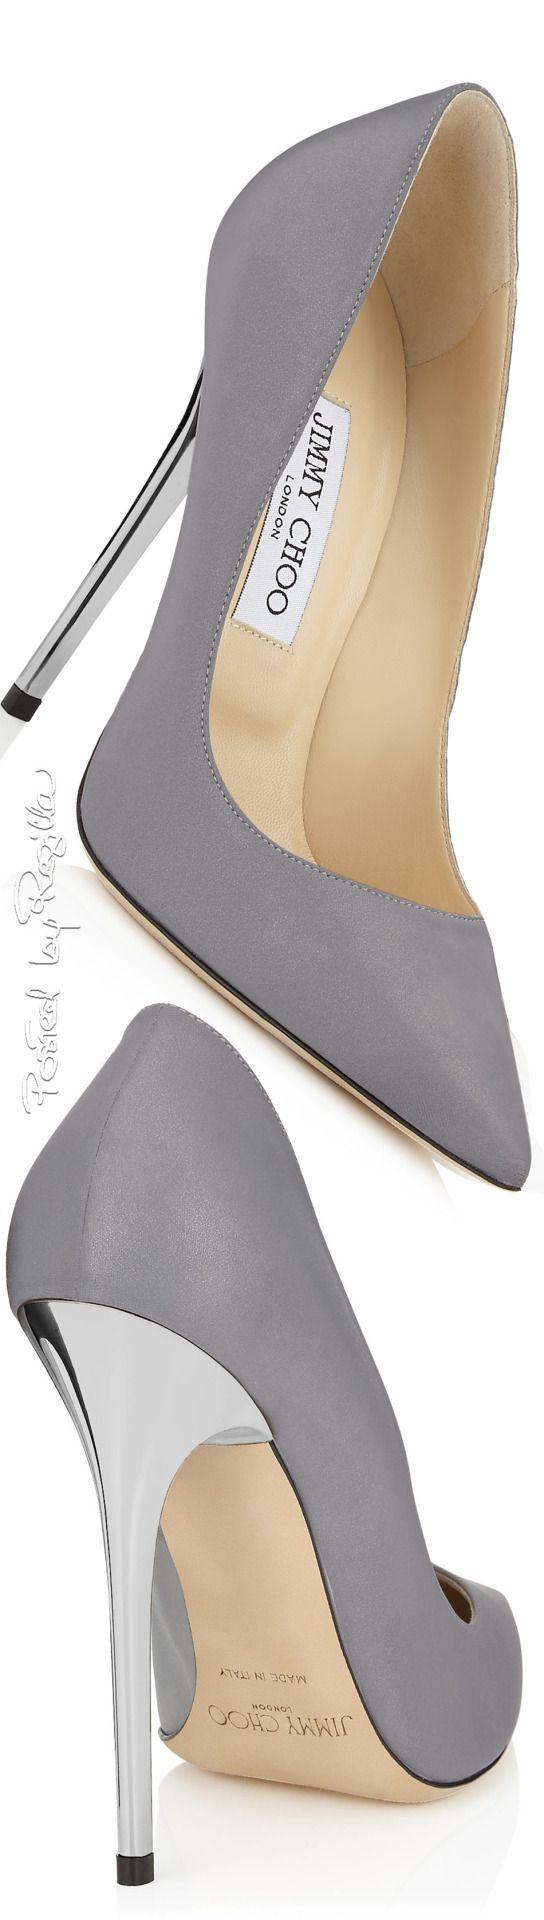 Jimmy Choo ~ grey heels 2016 ...repinned für Gewinner! - jetzt gratis Erfolgsratgeber sichern www.ratsucher.de